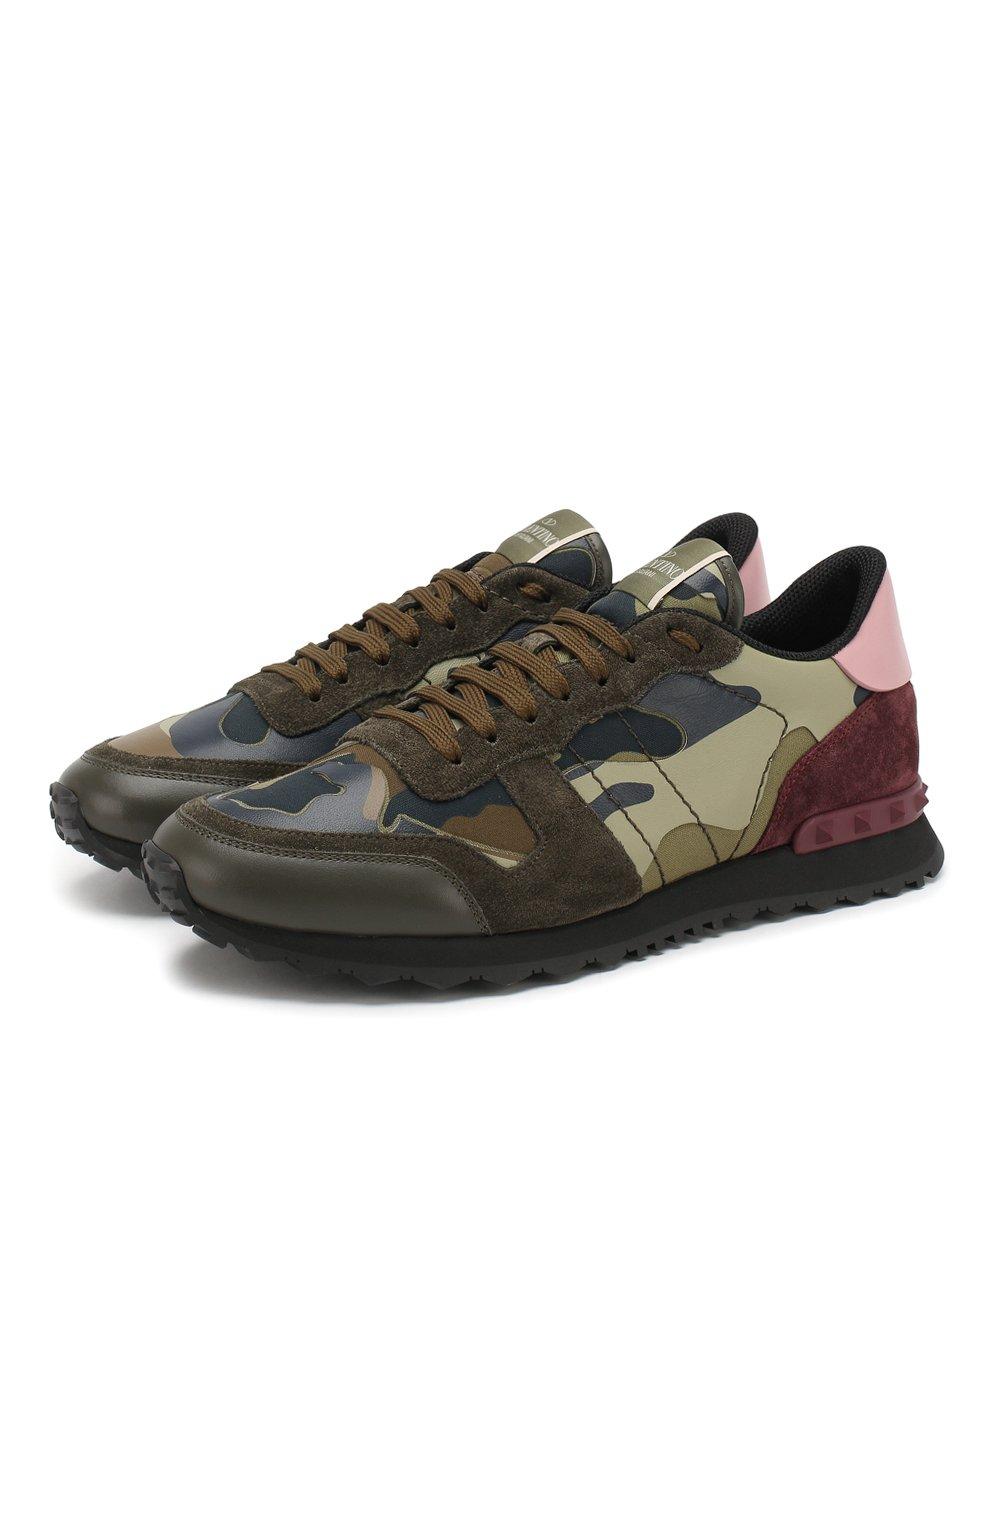 Комбинированные кроссовки Valentino Garavani Rockrunner Camouflage   Фото №1 1db5ea6efbb